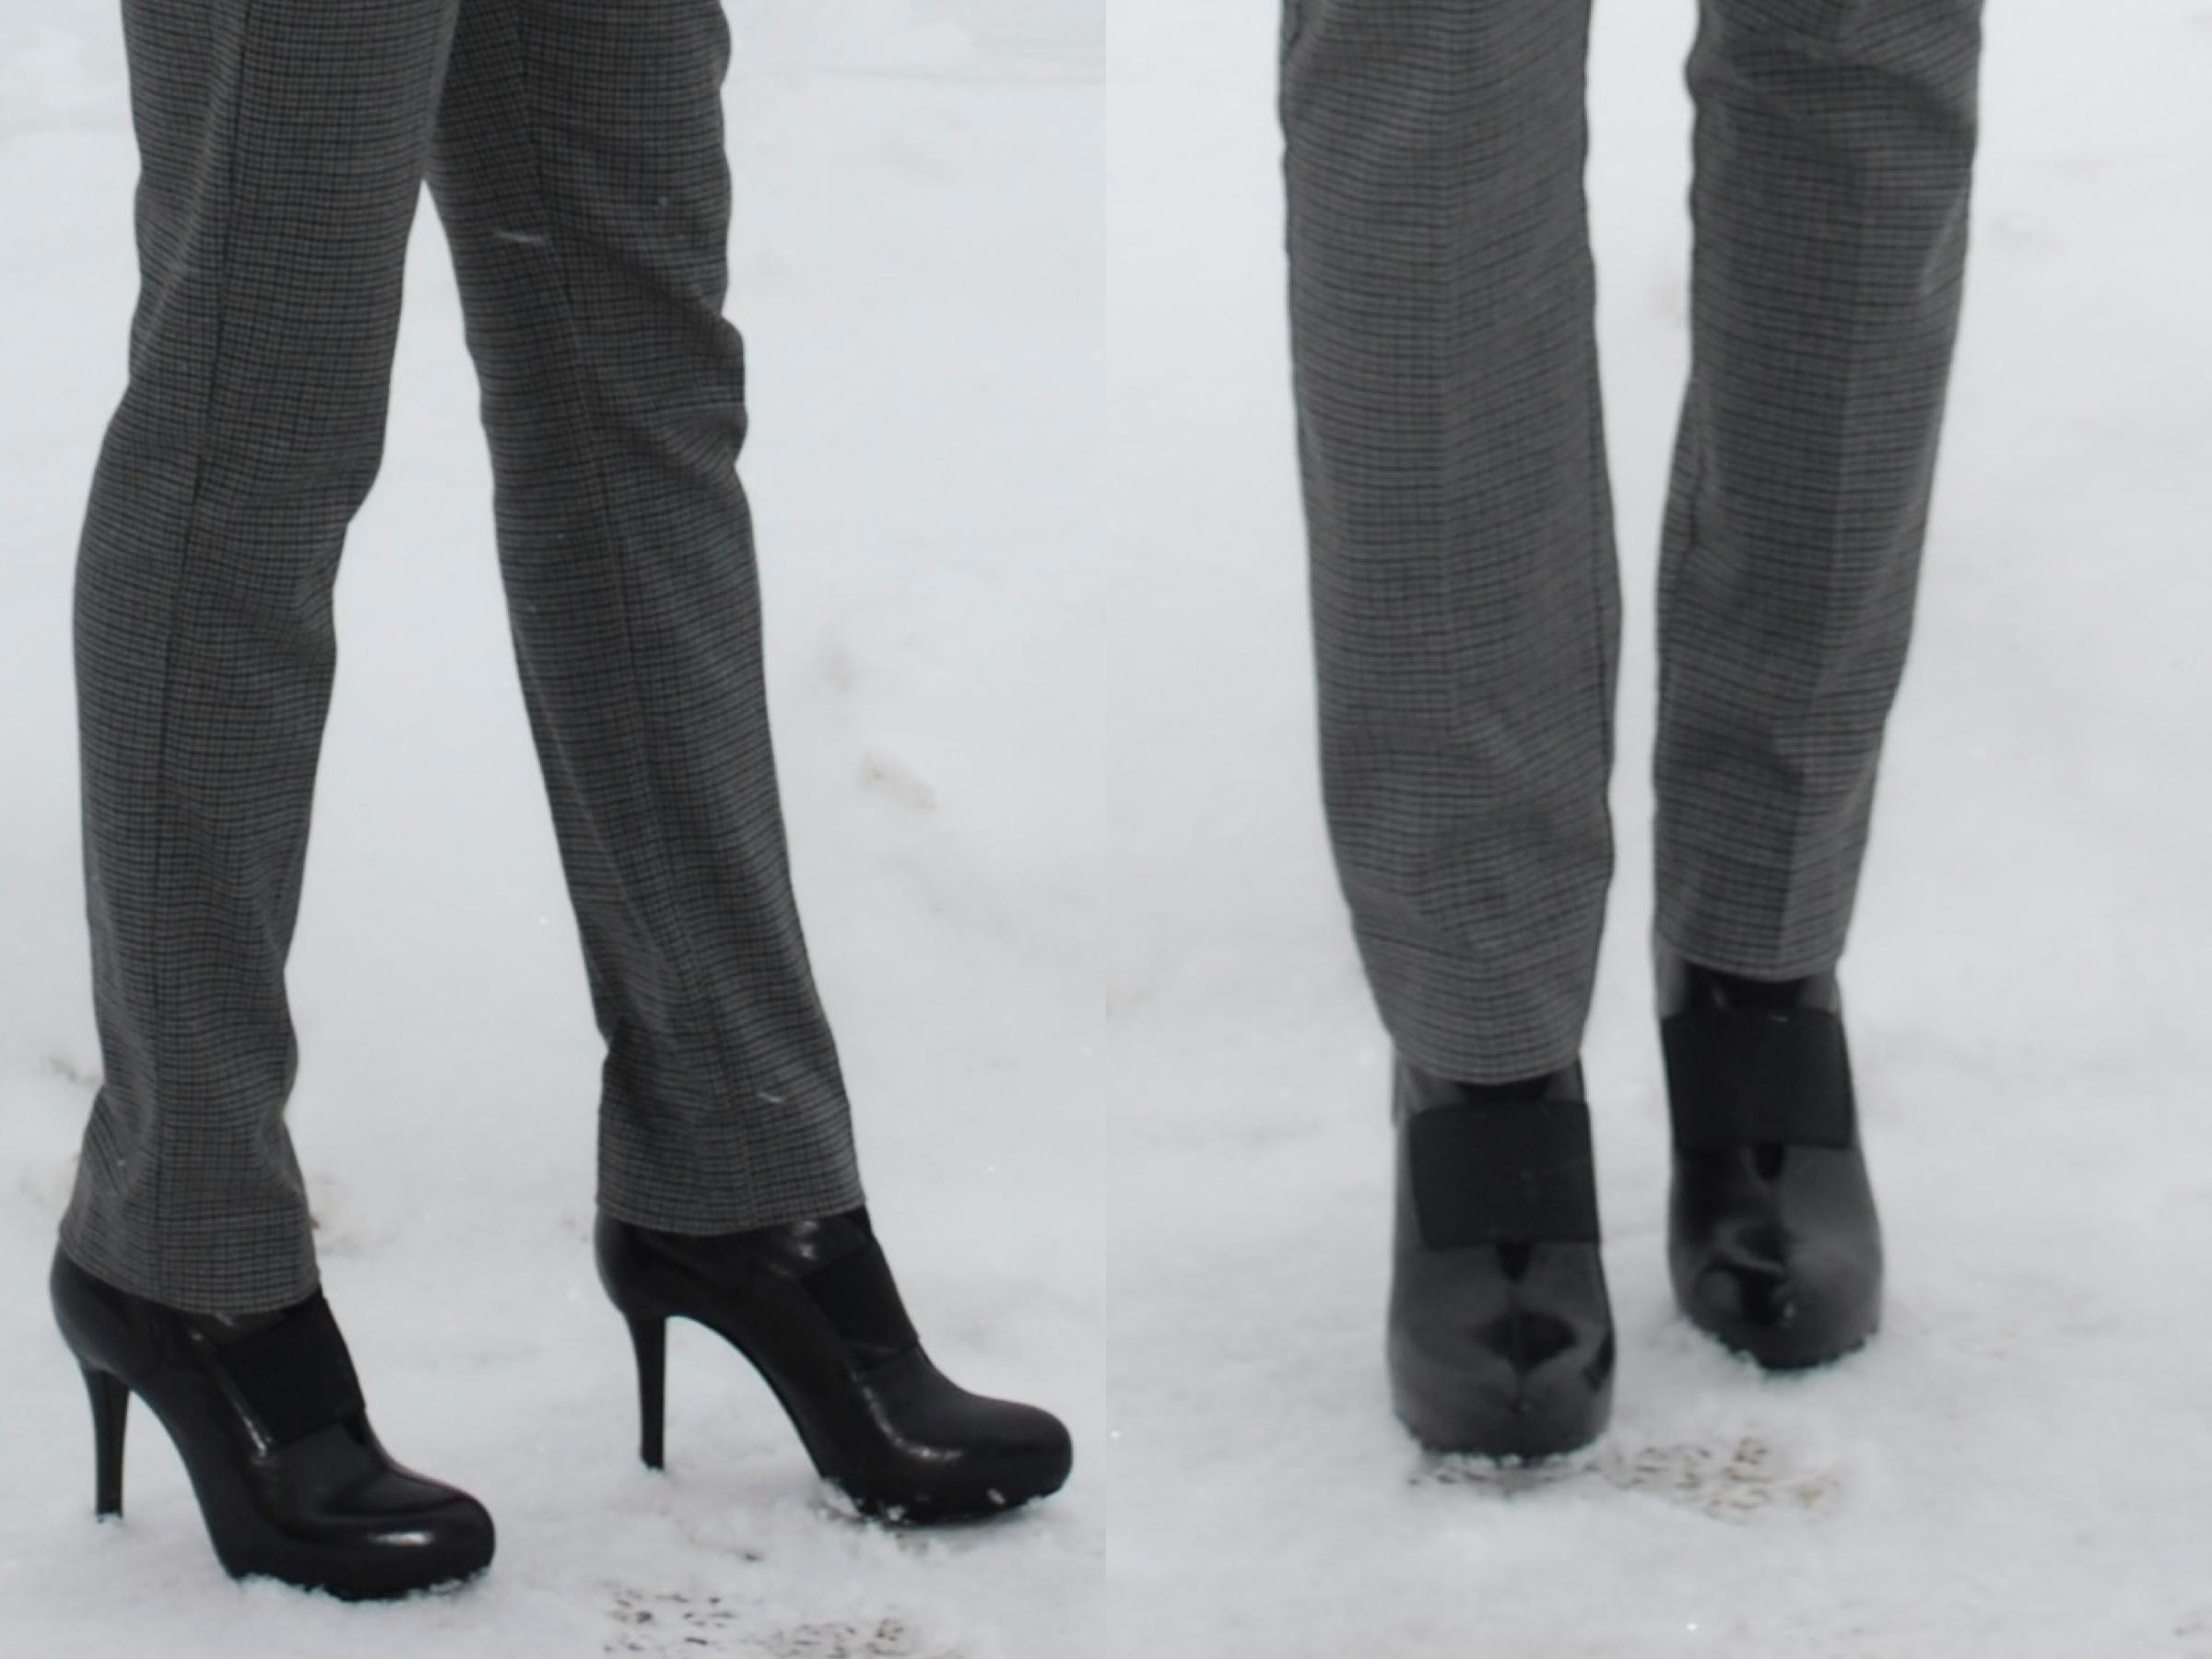 duo shot of heels